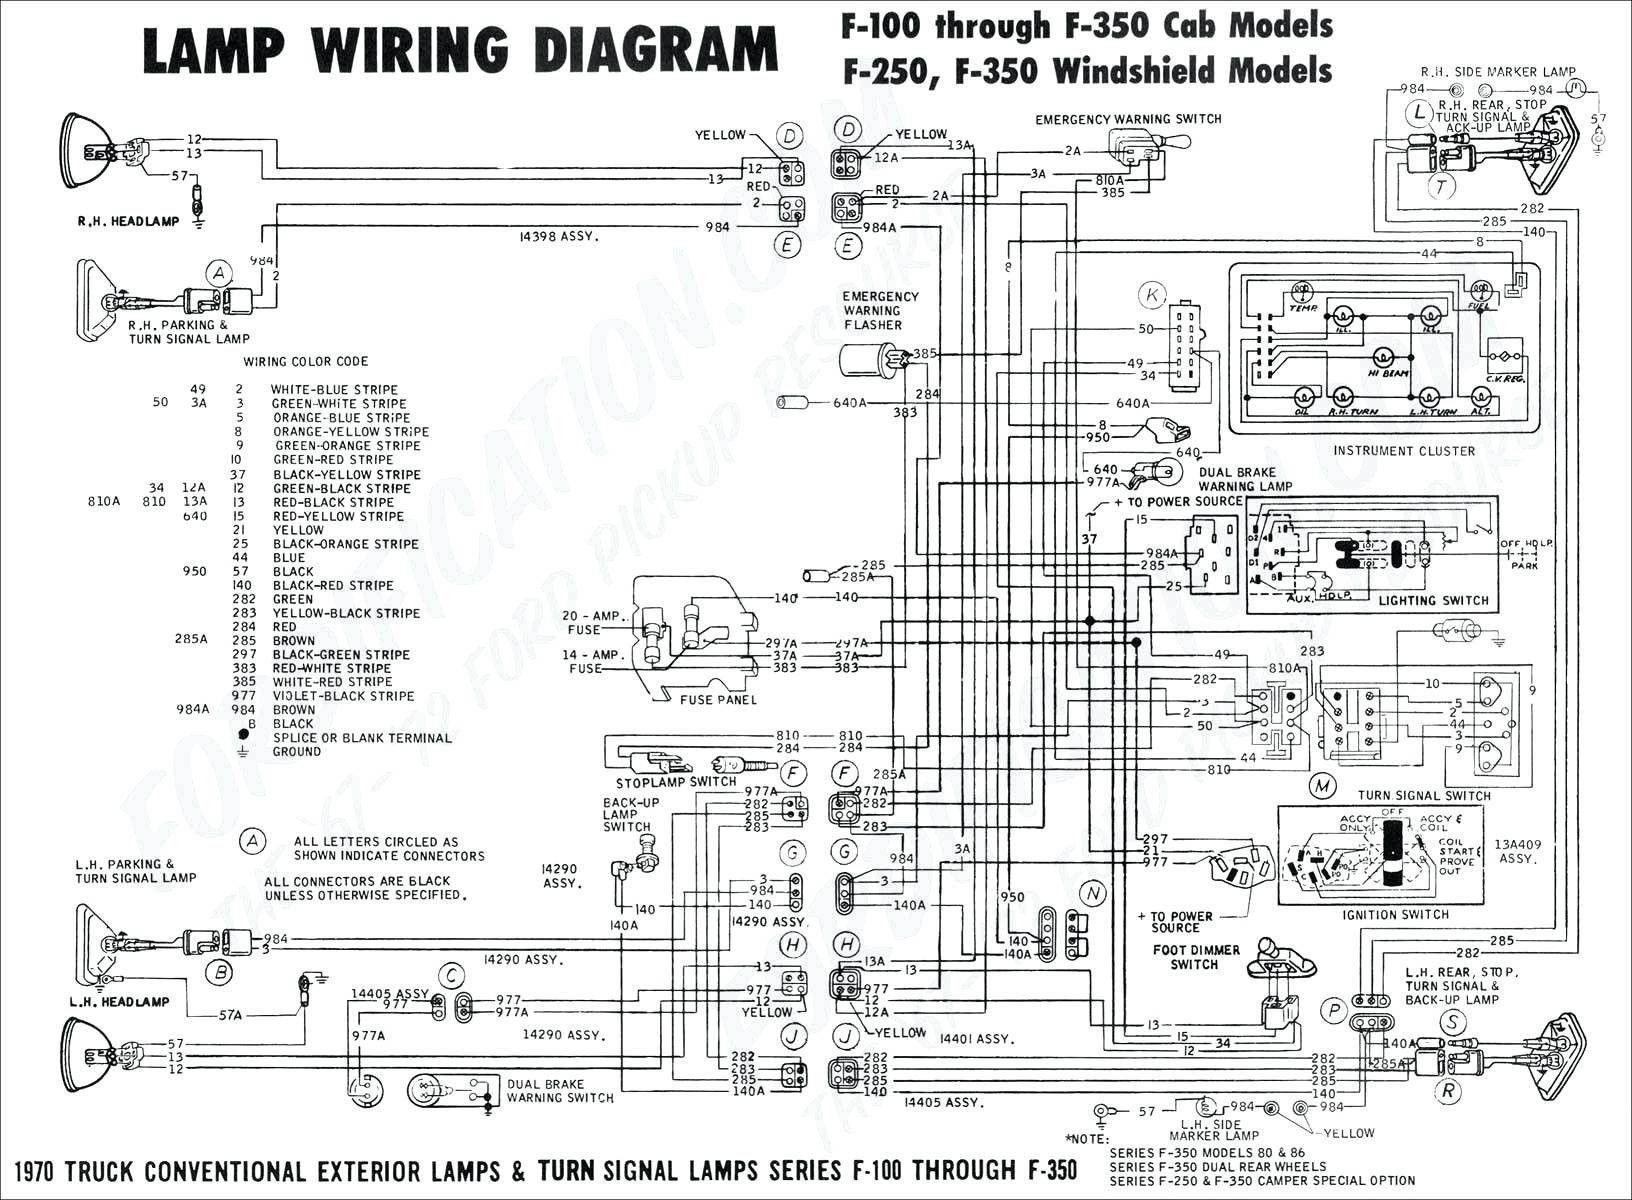 Elegant 1966 Chevy Truck Wiring Diagram In 2020 Trailer Wiring Diagram Electrical Wiring Diagram Diagram